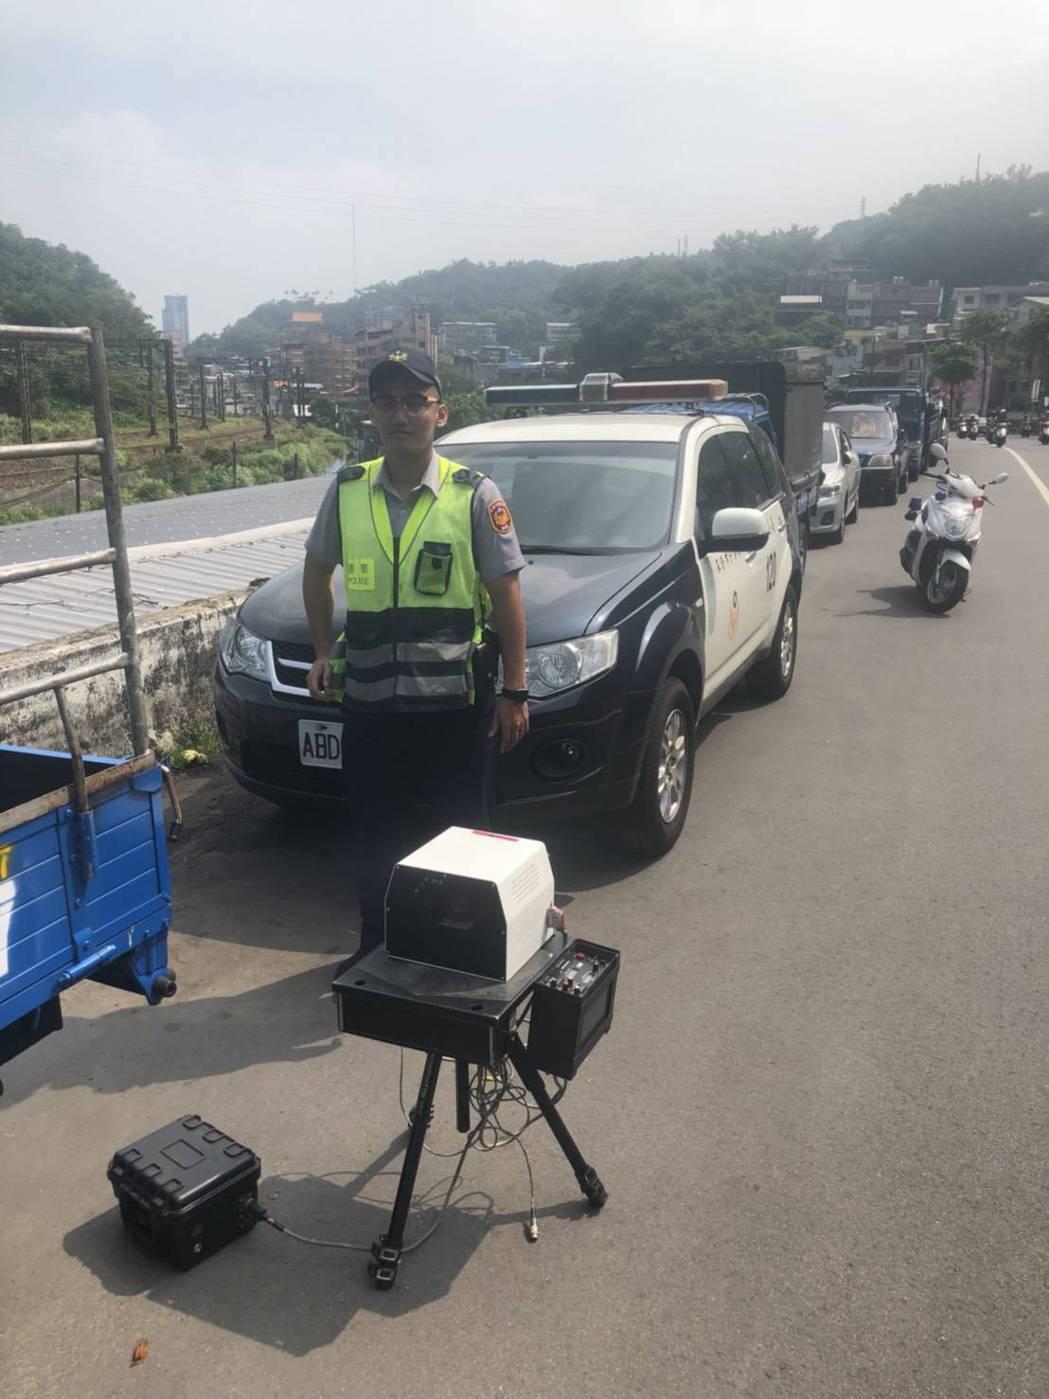 基隆市警局機動性出動「移動式測速照相機」,加強南榮路超速取締。圖/基隆市警局提供